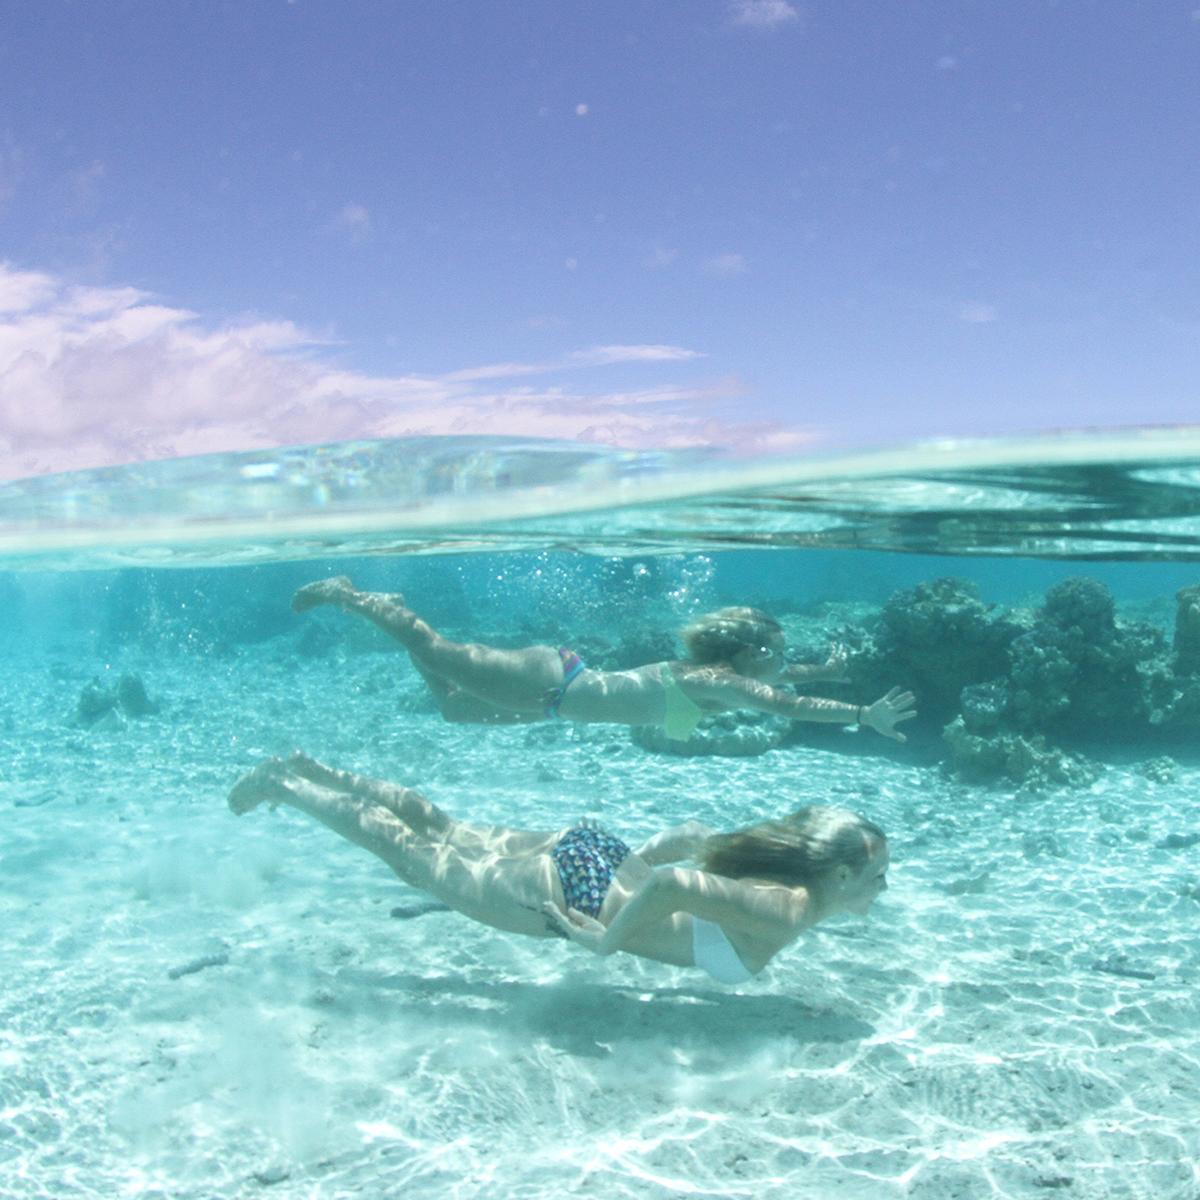 bikini underwater photography